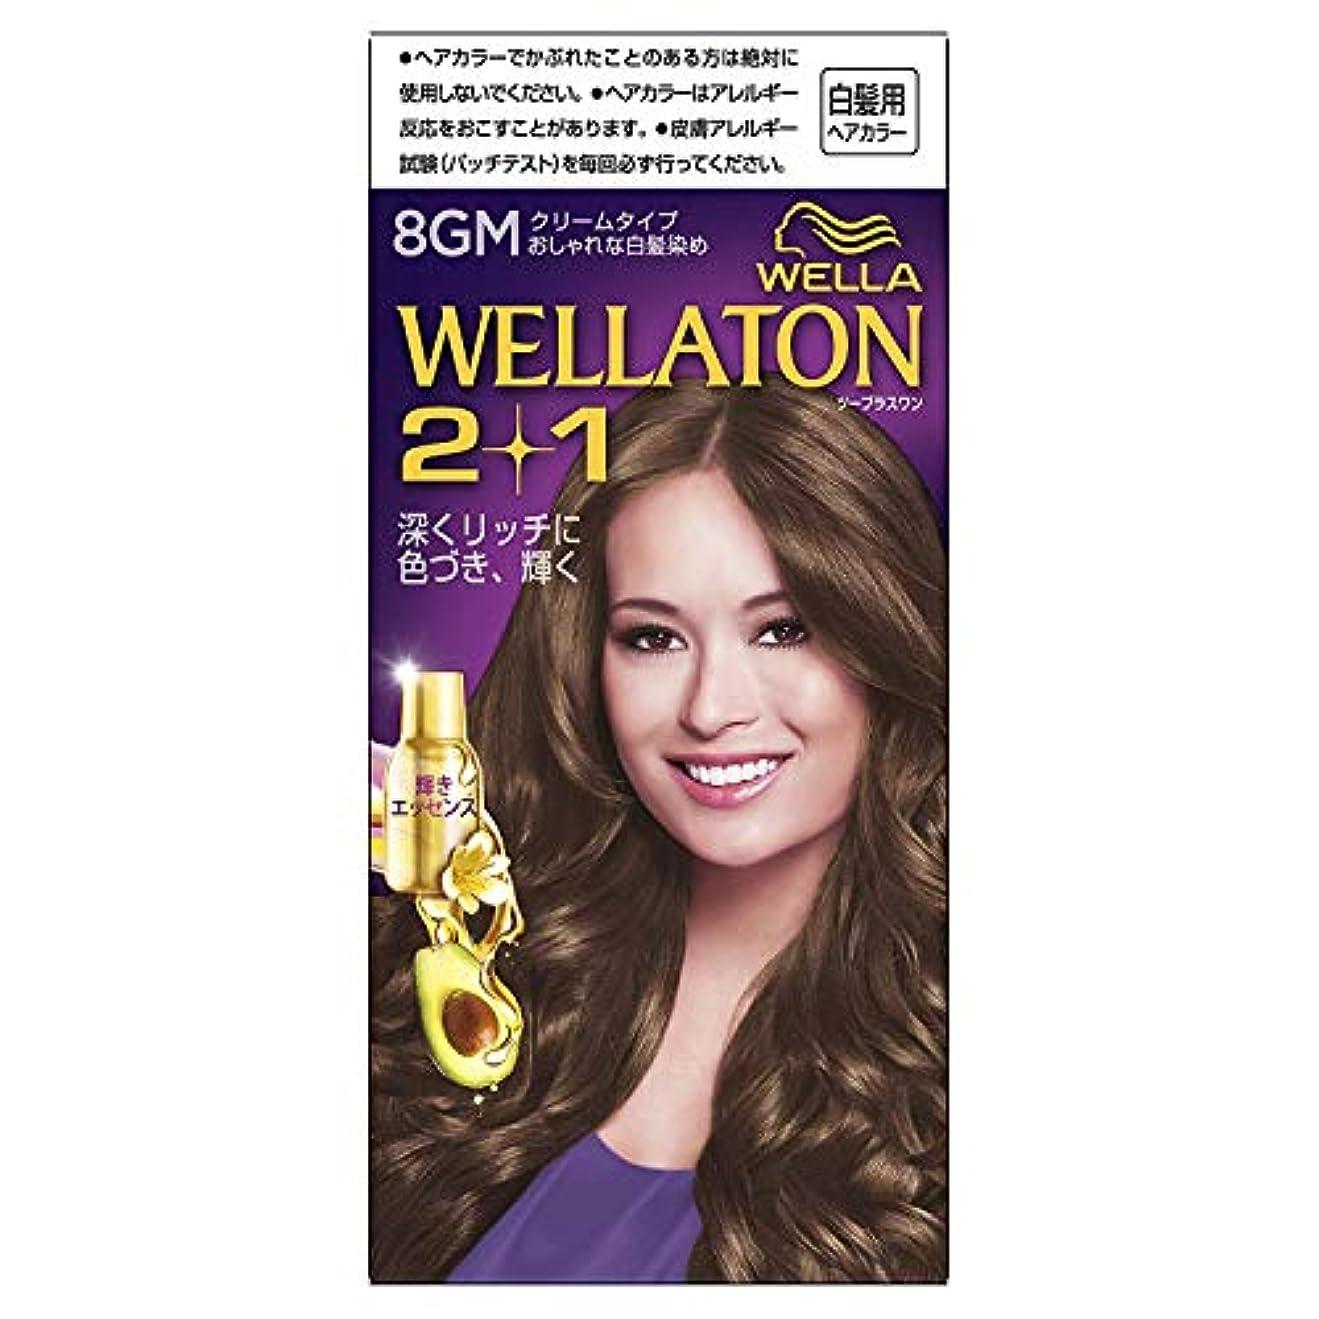 ウエラトーン2+1 クリームタイプ 8GM [医薬部外品] ×6個